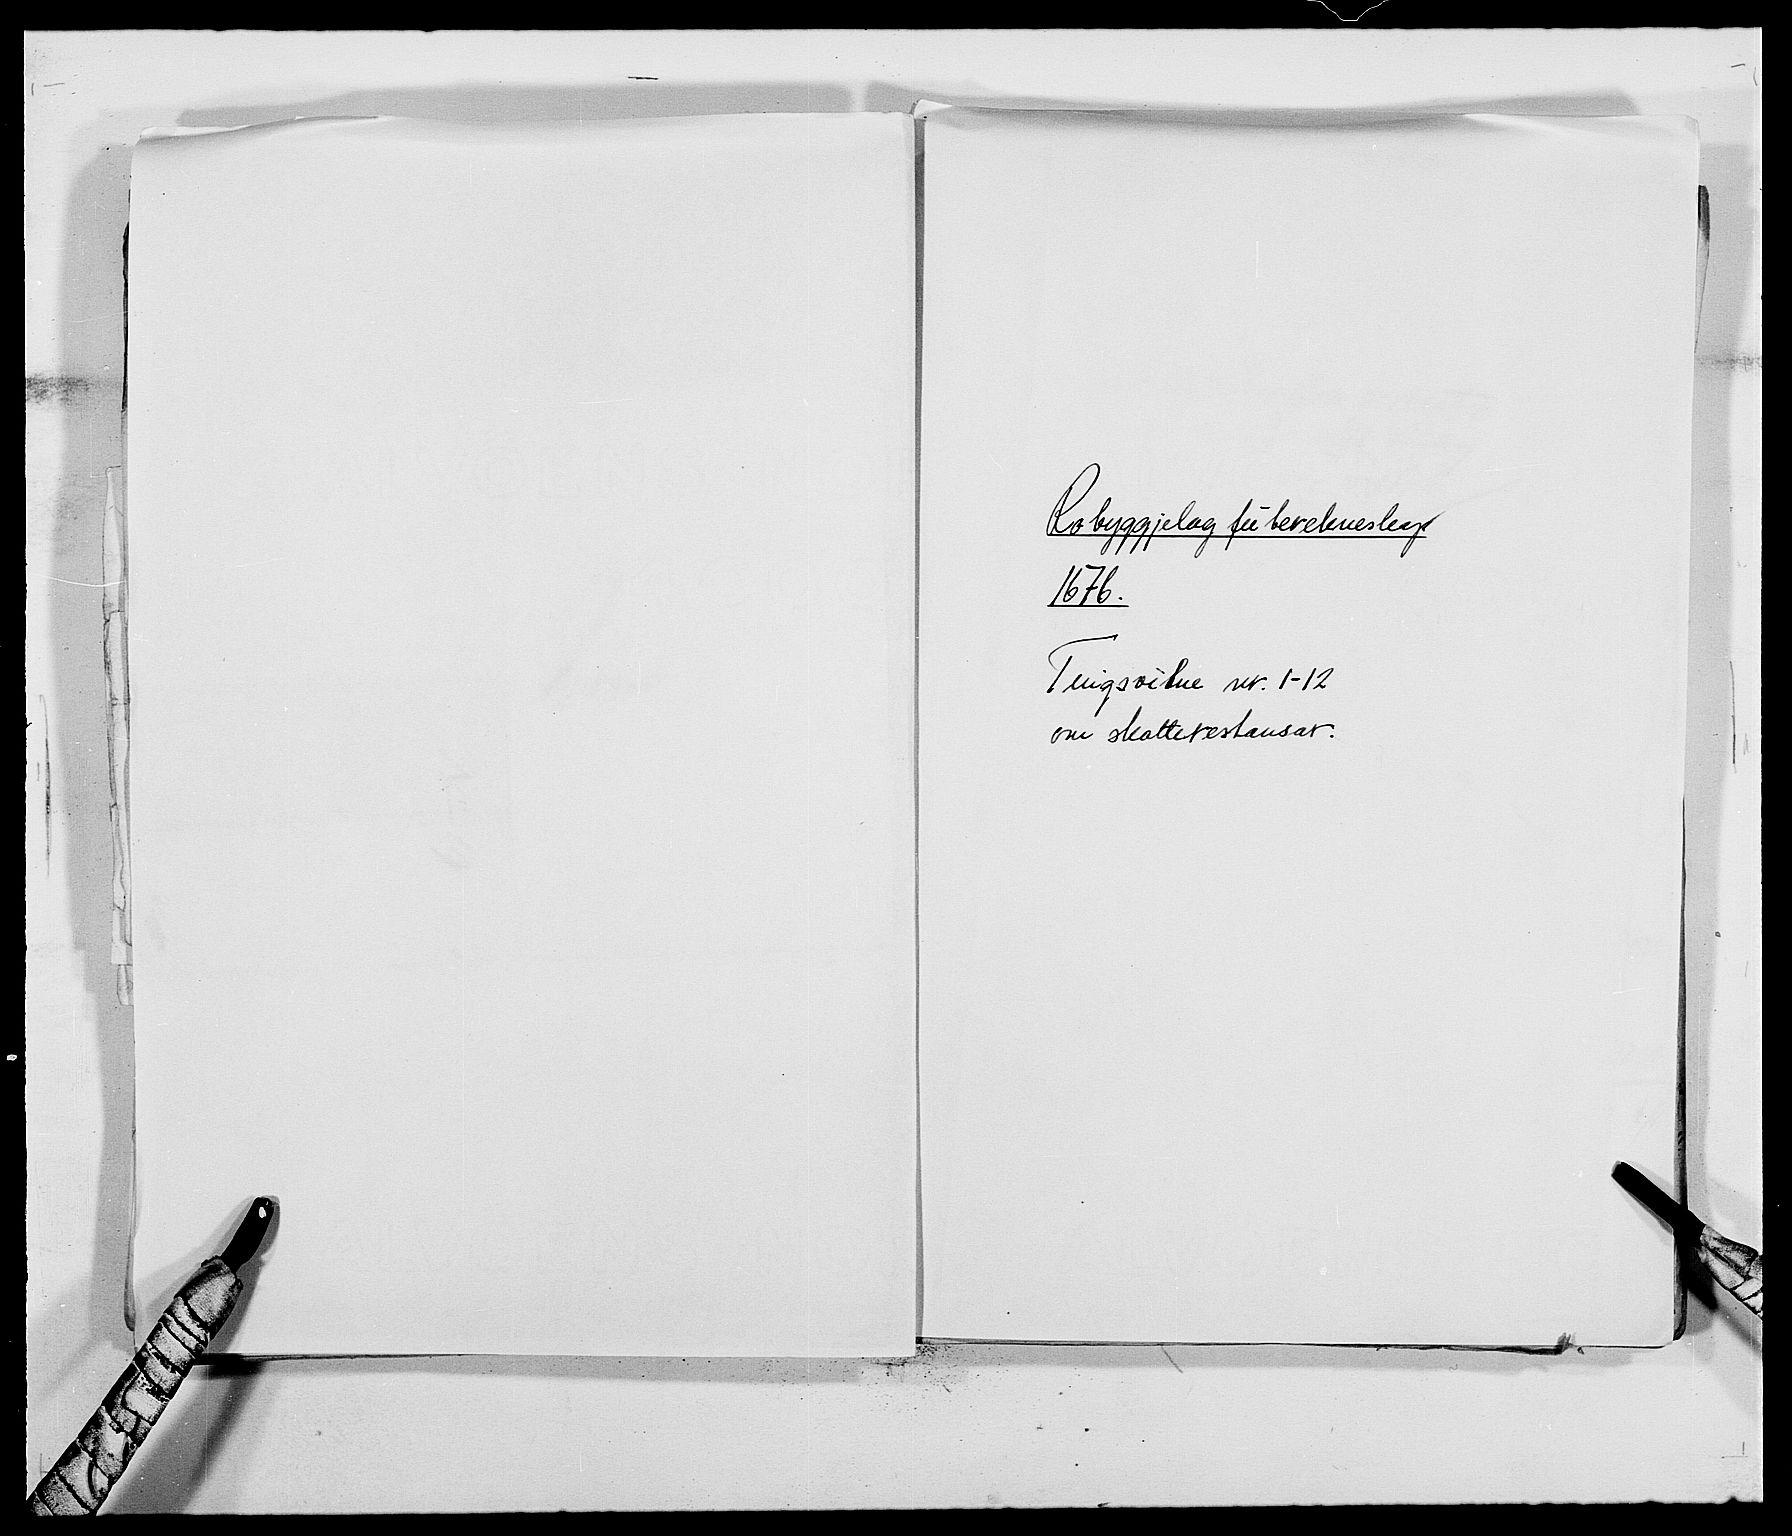 RA, Rentekammeret inntil 1814, Reviderte regnskaper, Fogderegnskap, R40/L2434: Fogderegnskap Råbyggelag, 1675-1676, s. 414